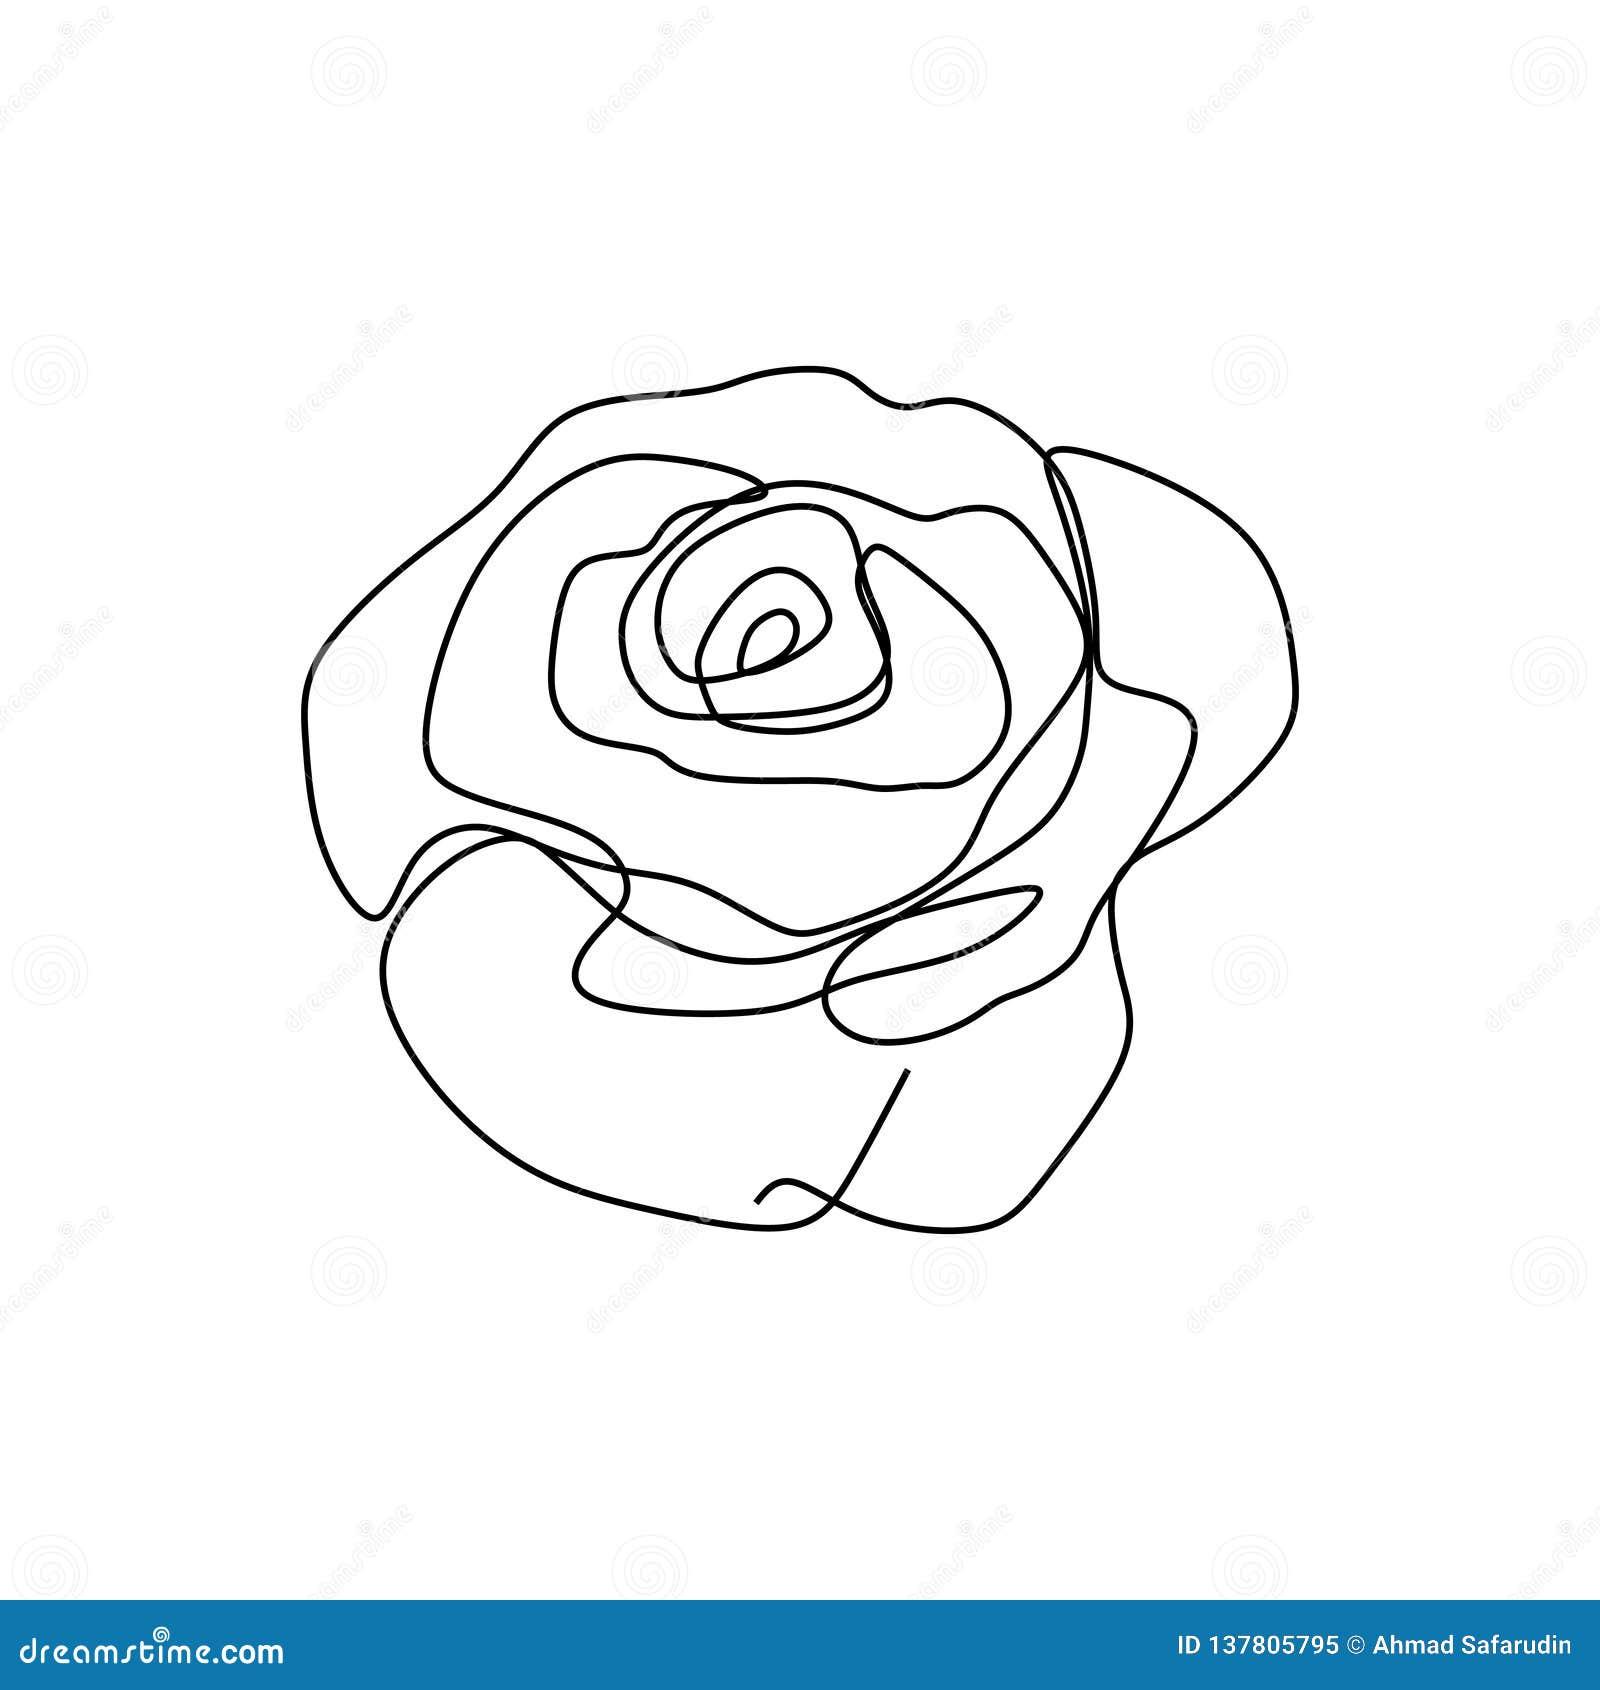 Continu Illustration Fleur De Rose De Vecteur De Dessin De Schema